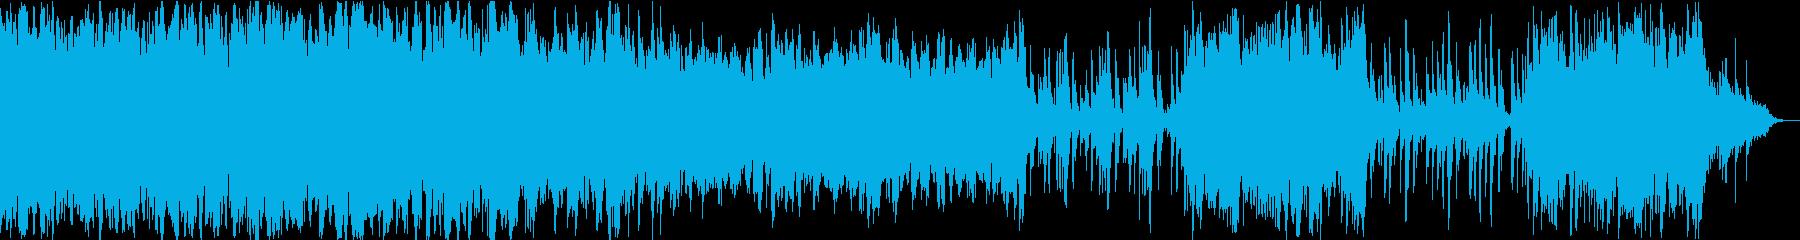 臨場感があり心が落ち着くチル系ハウス3の再生済みの波形